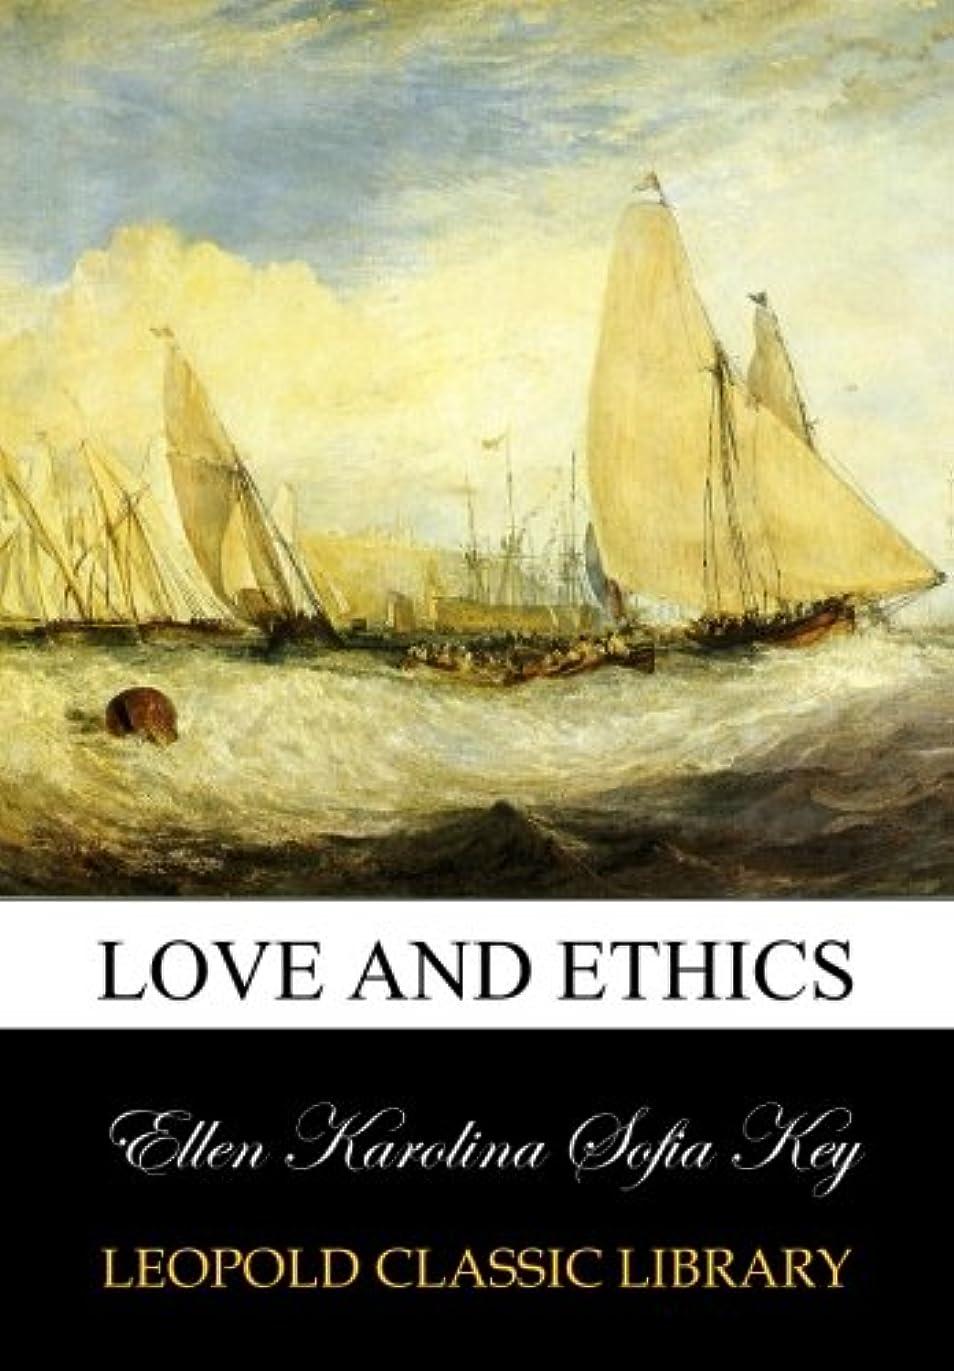 凝縮するキャラバン通行料金Love and ethics